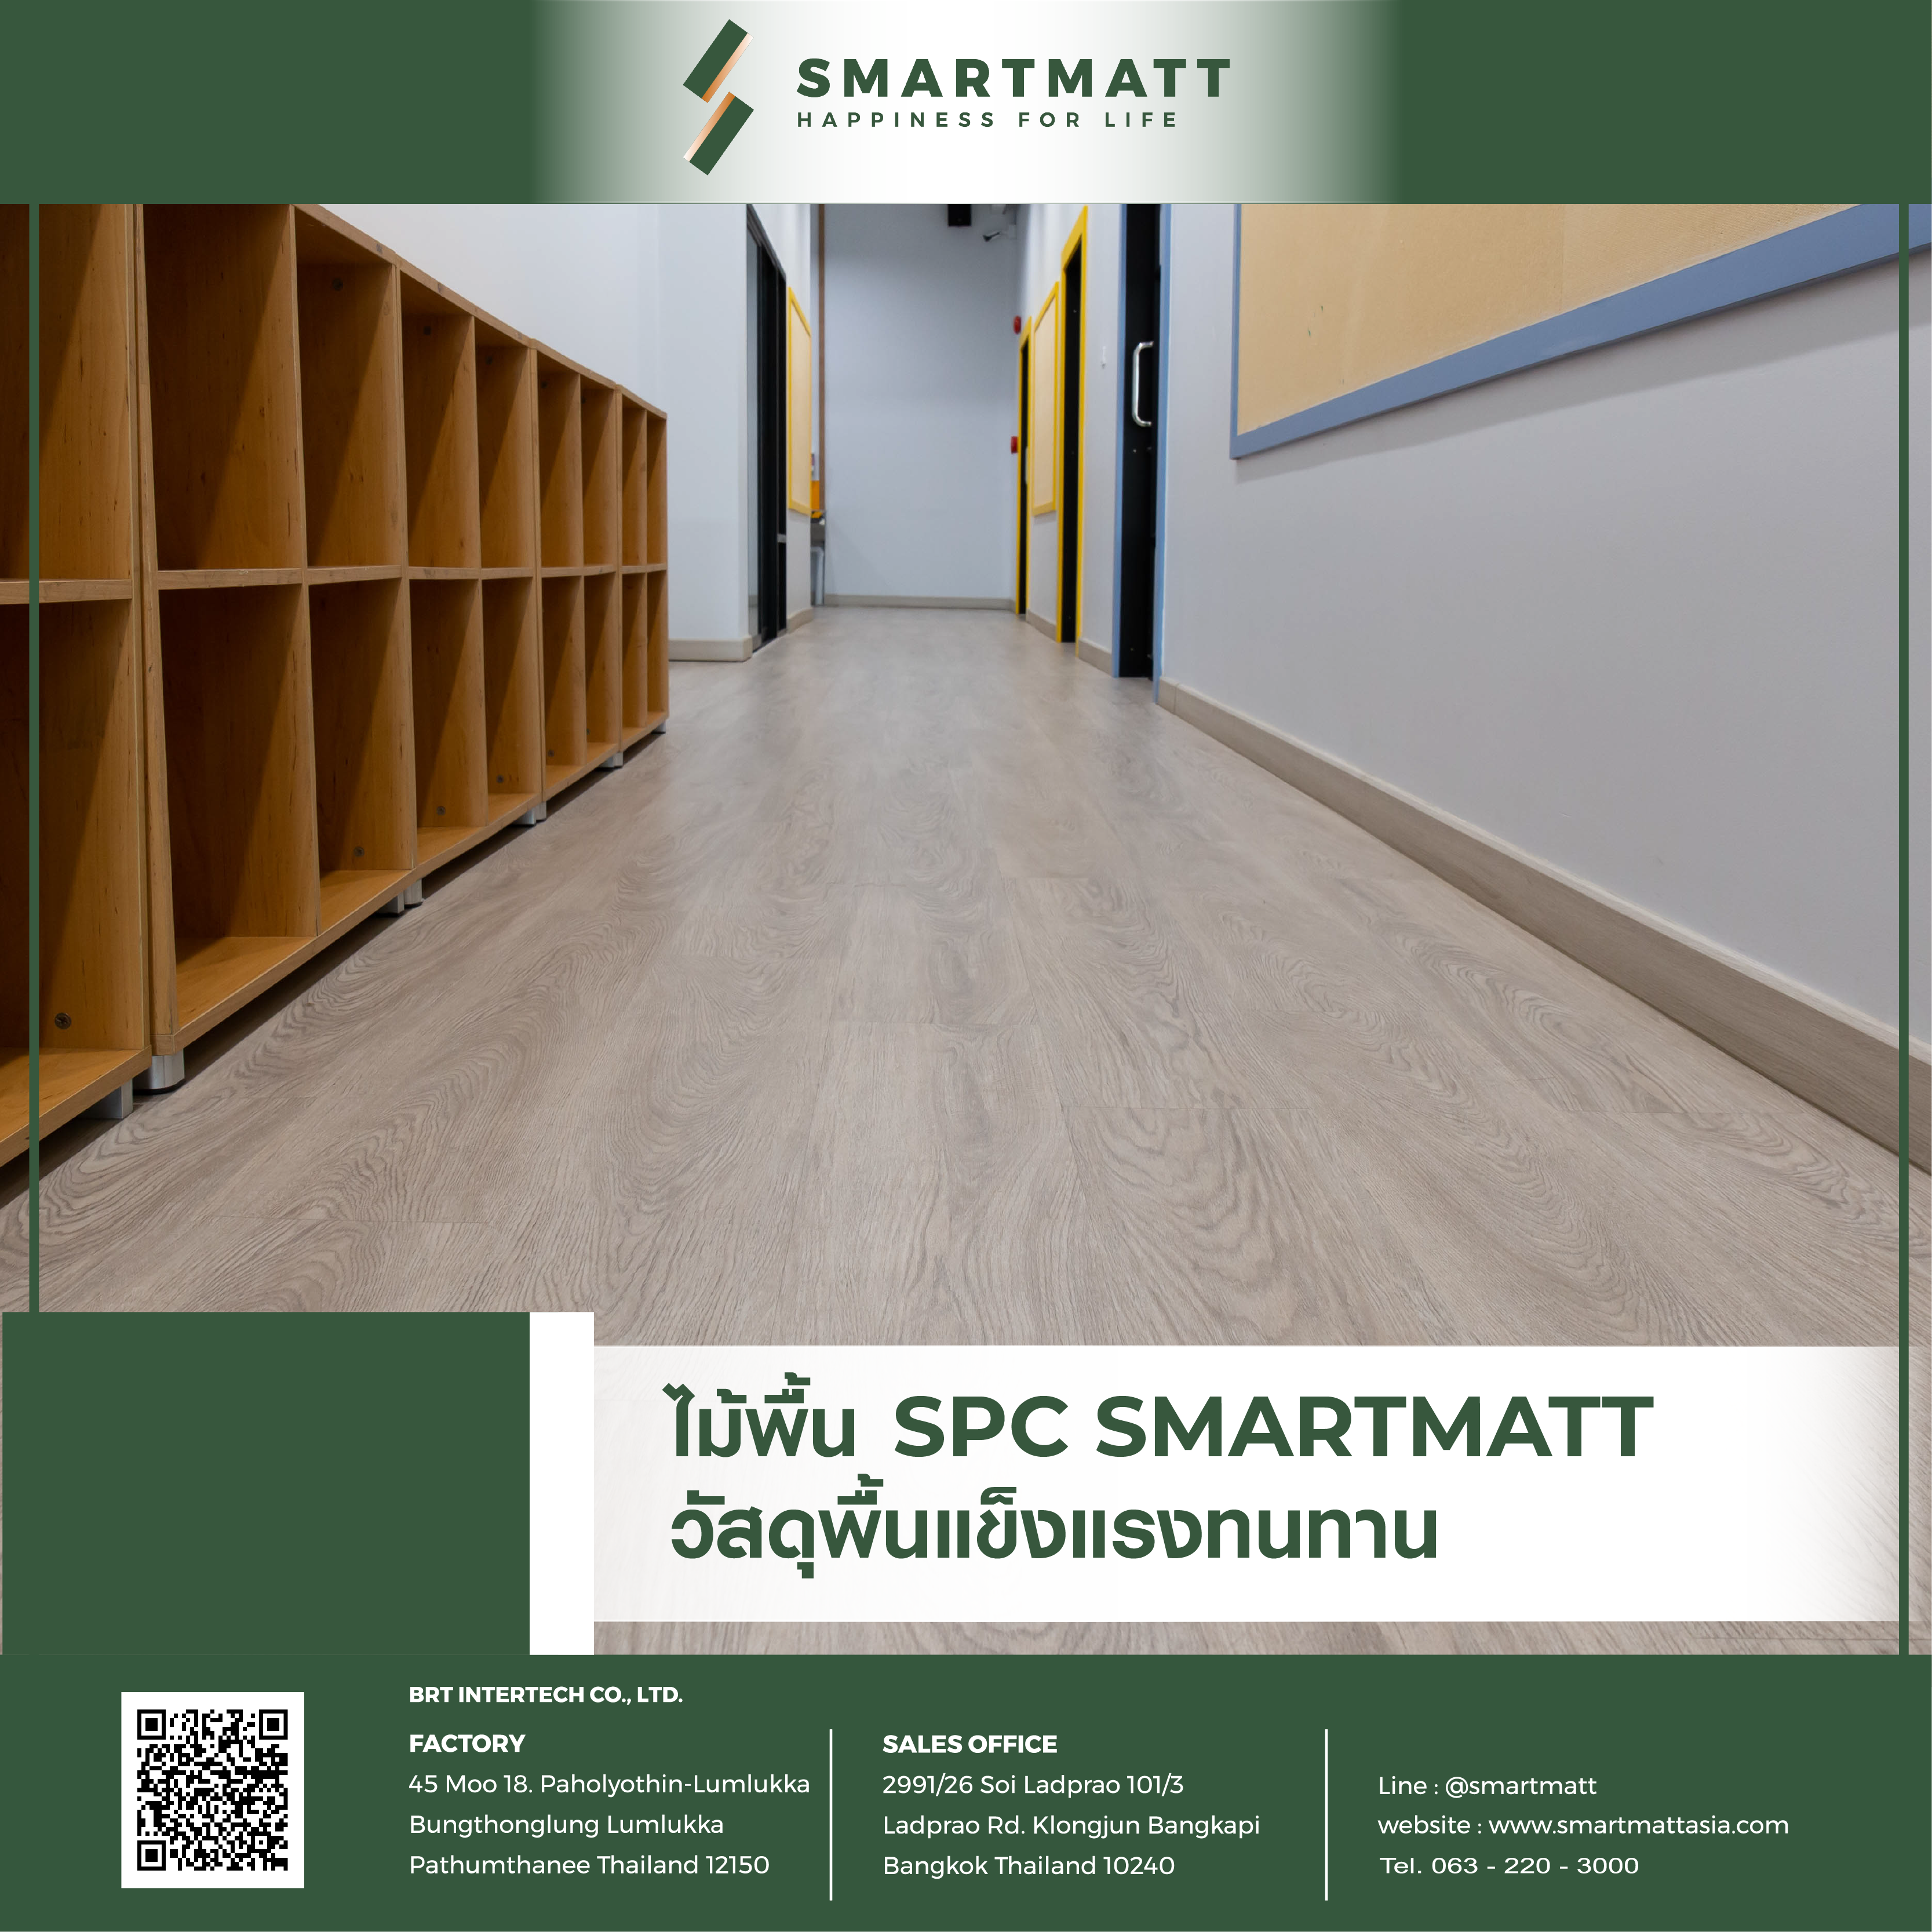 ไม้พื้น SPC SMARTMATT วัสดุพื้นแข็งแรงทนทาน